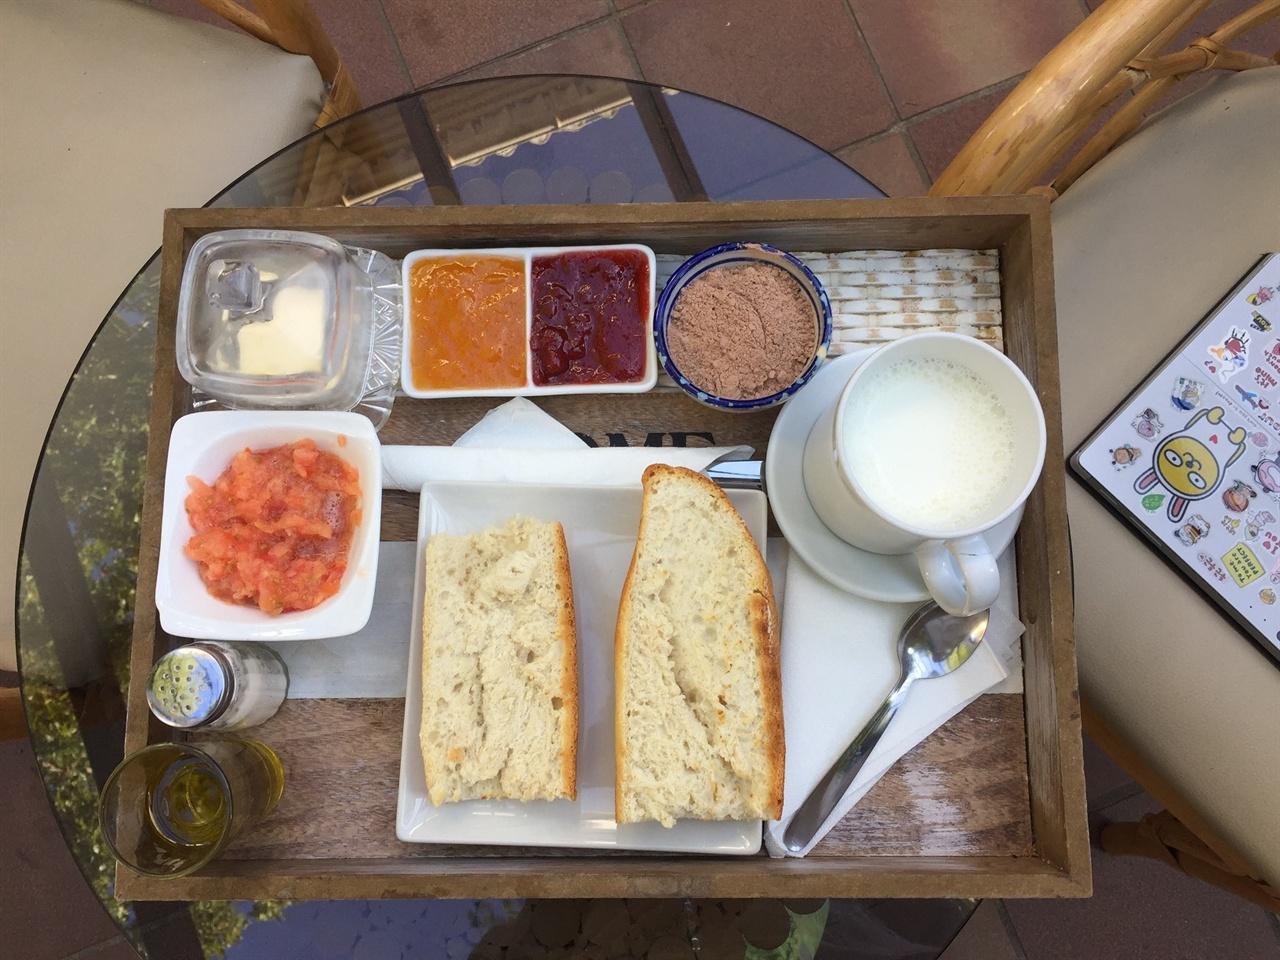 스페인식 아침식사입니다.  (제일 윗줄 왼쪽부터 시계방향으로 보면) 버터, 살구쨈, 딸기쨈, 초코파우더, 데운 우유, 구운 빵 & 토마토 간 것과 올리브 오일입니다. 이걸 골고루 빵에 올려서 먹는 것이, 전통적인 아침식사예요!